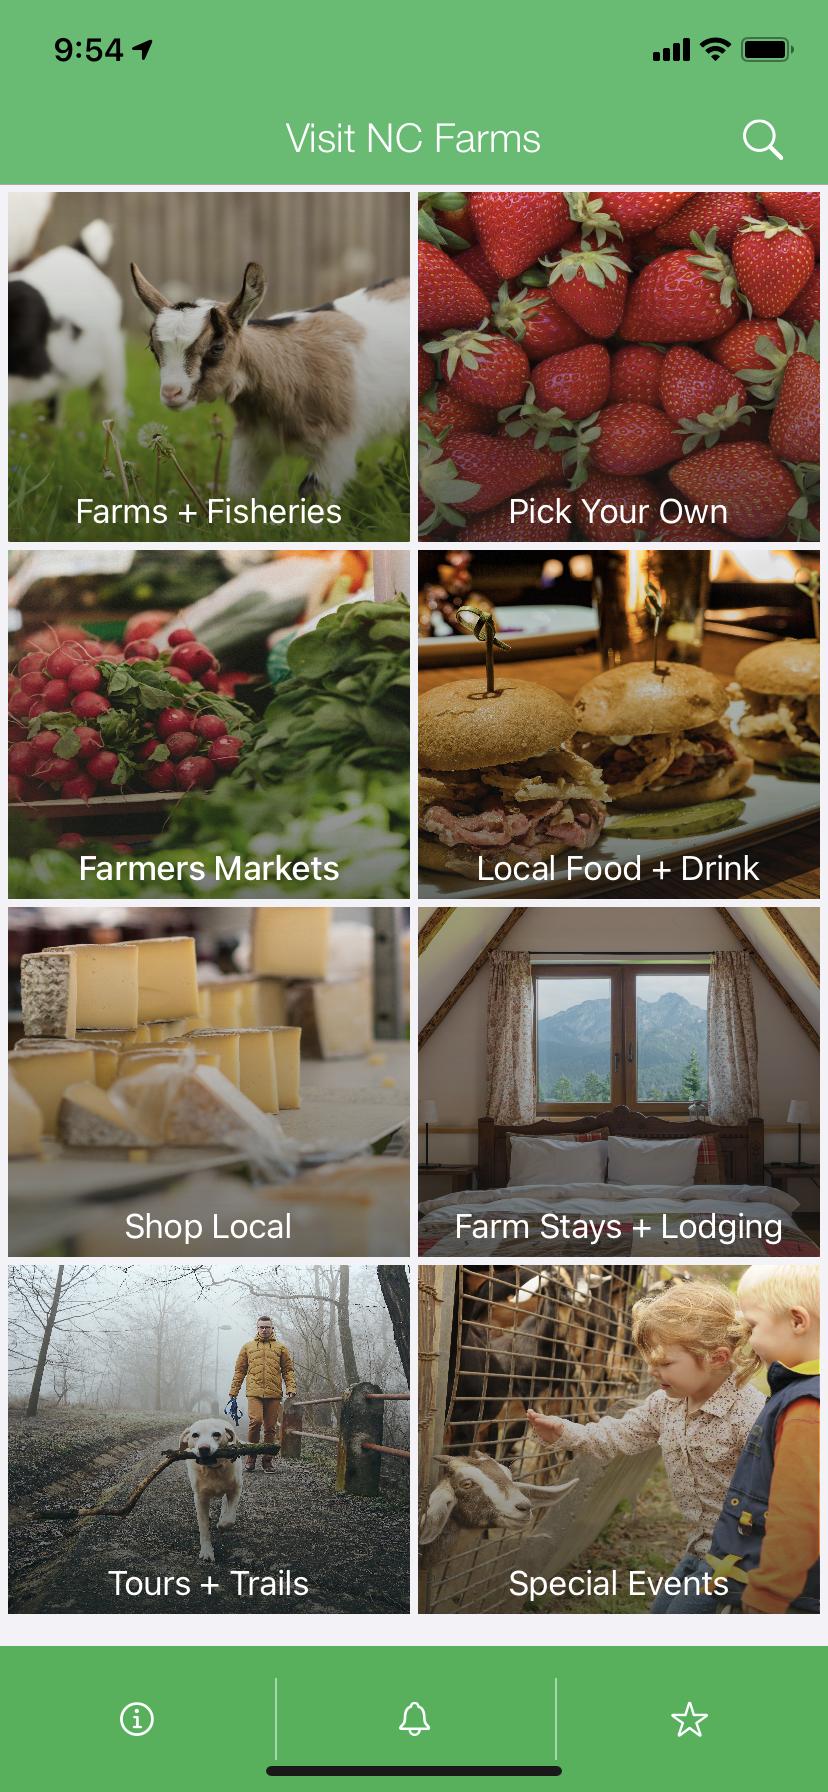 Visit NC Farms app homescreen